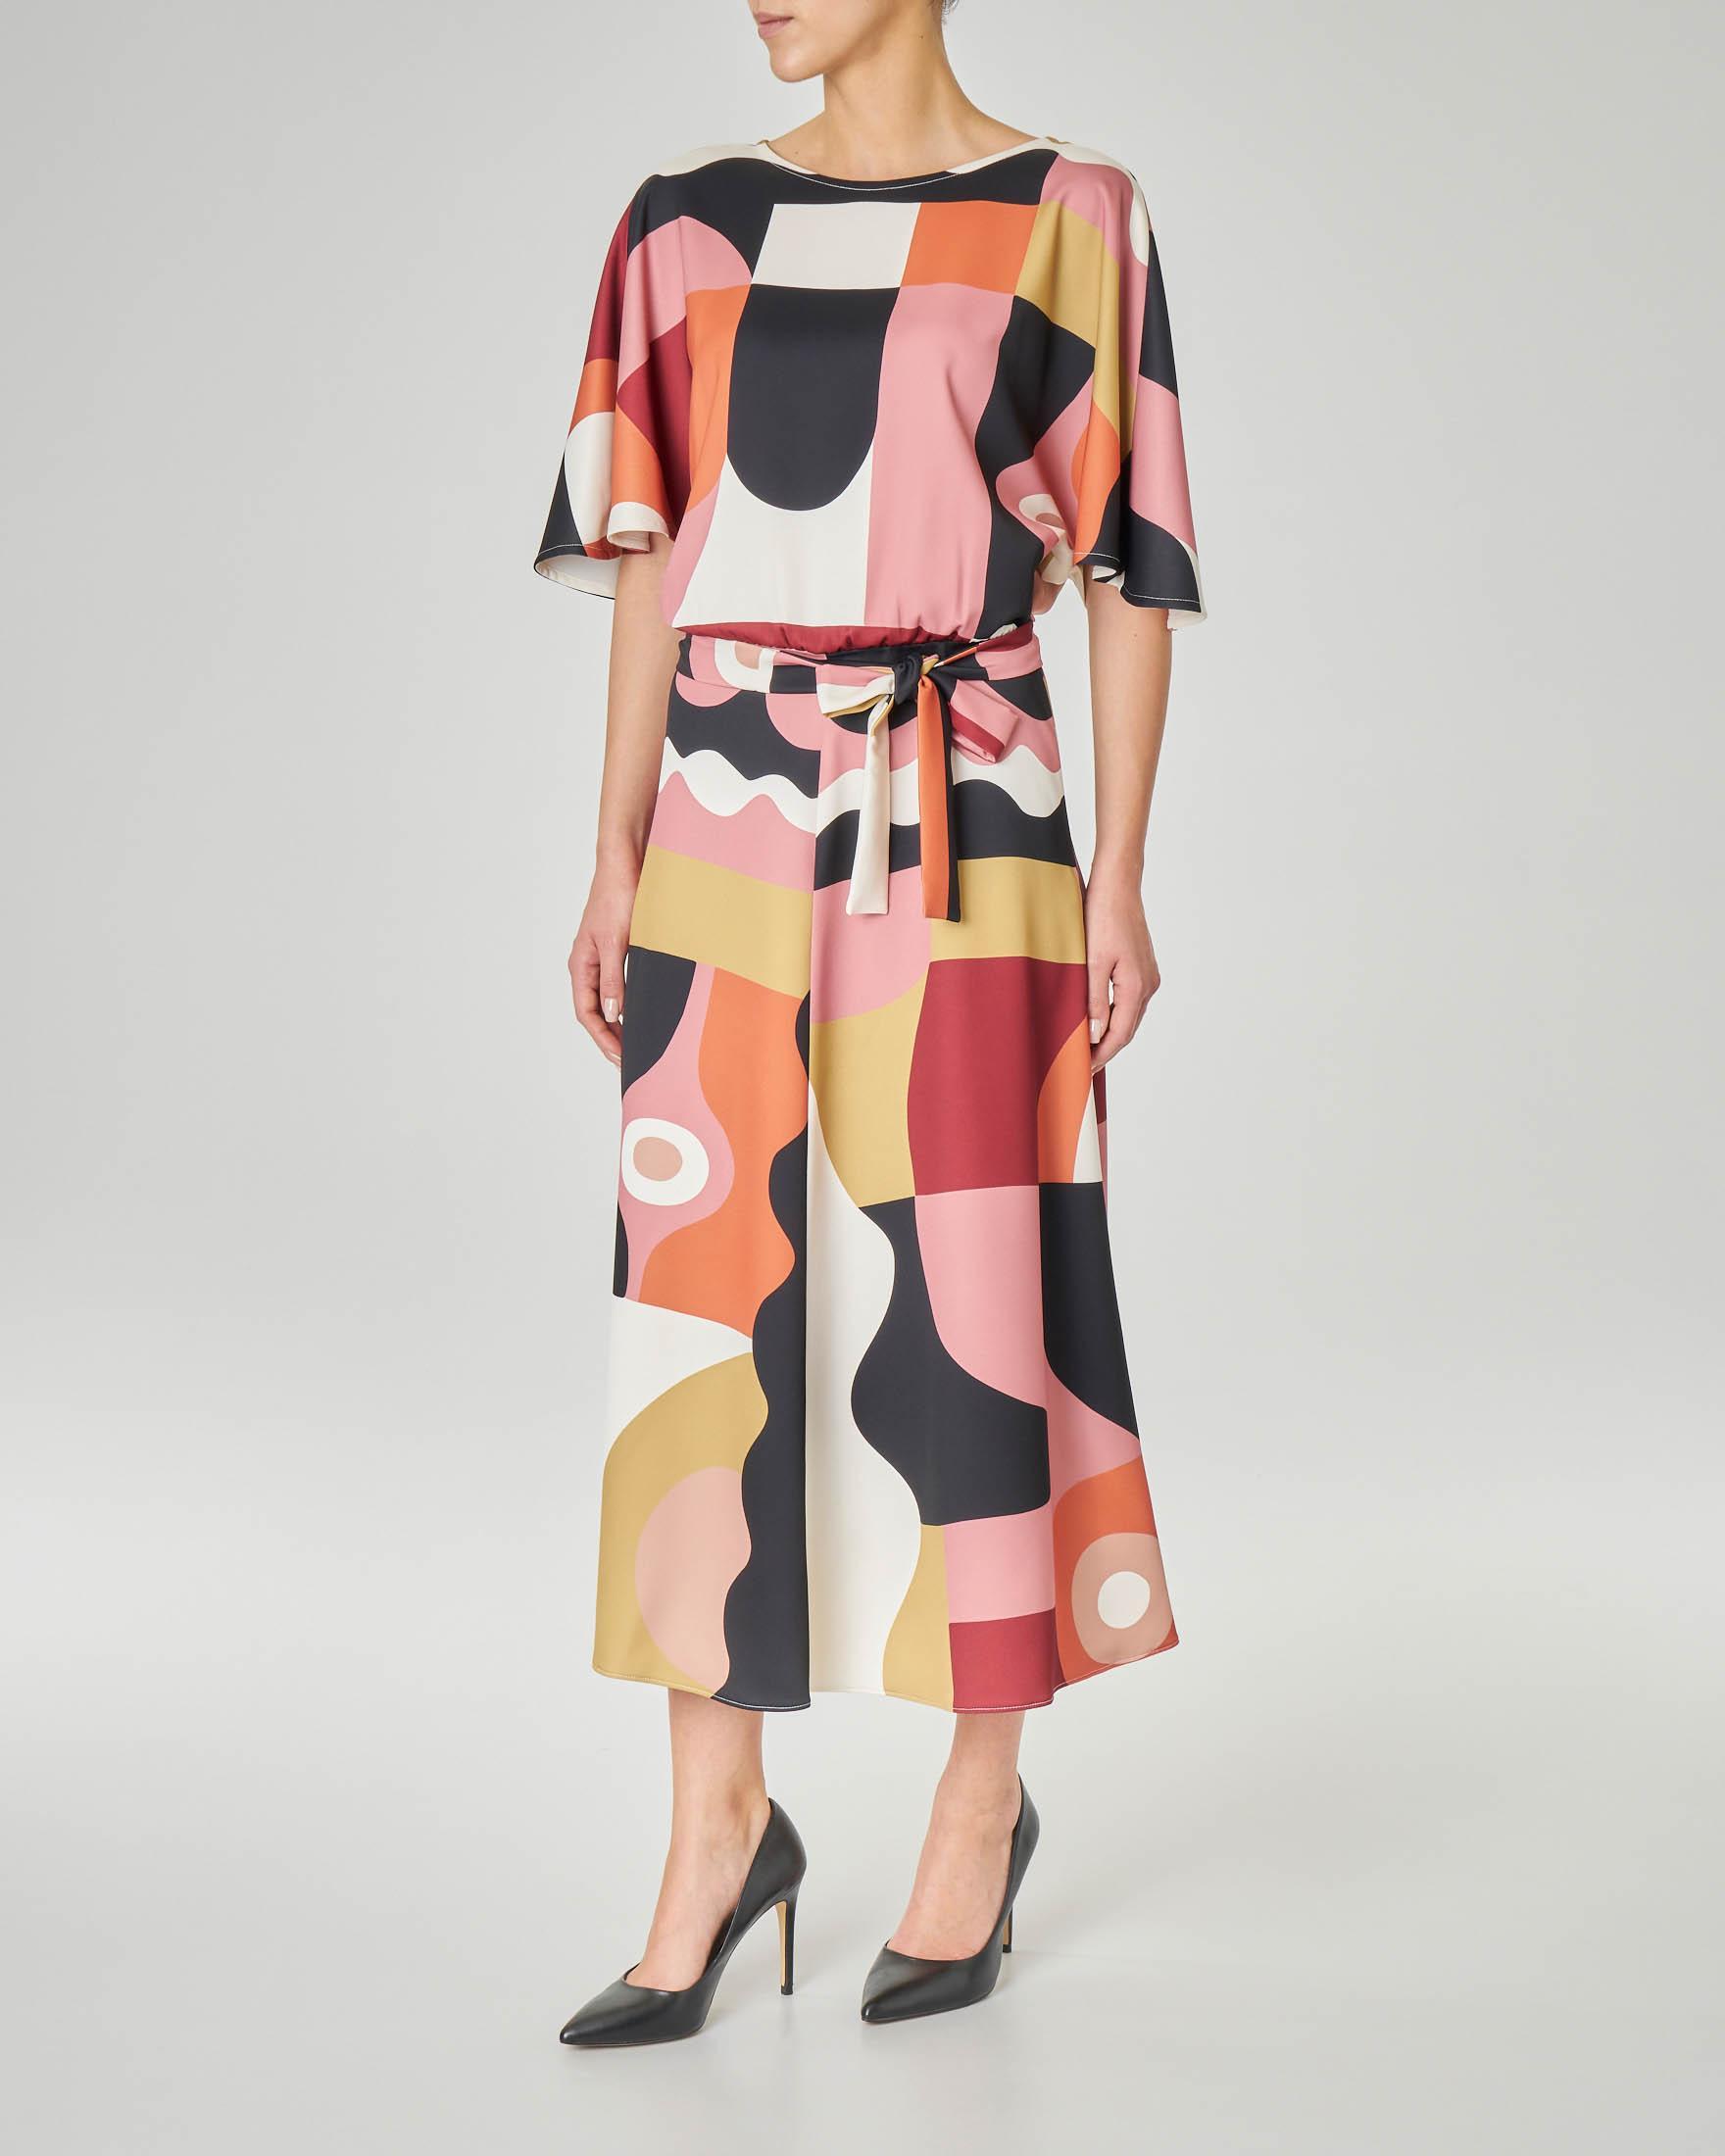 Abito midi LW x ART. 365 in crêpe a fantasia grafica multicolor con maniche a kimono e cintura in vita coordinata